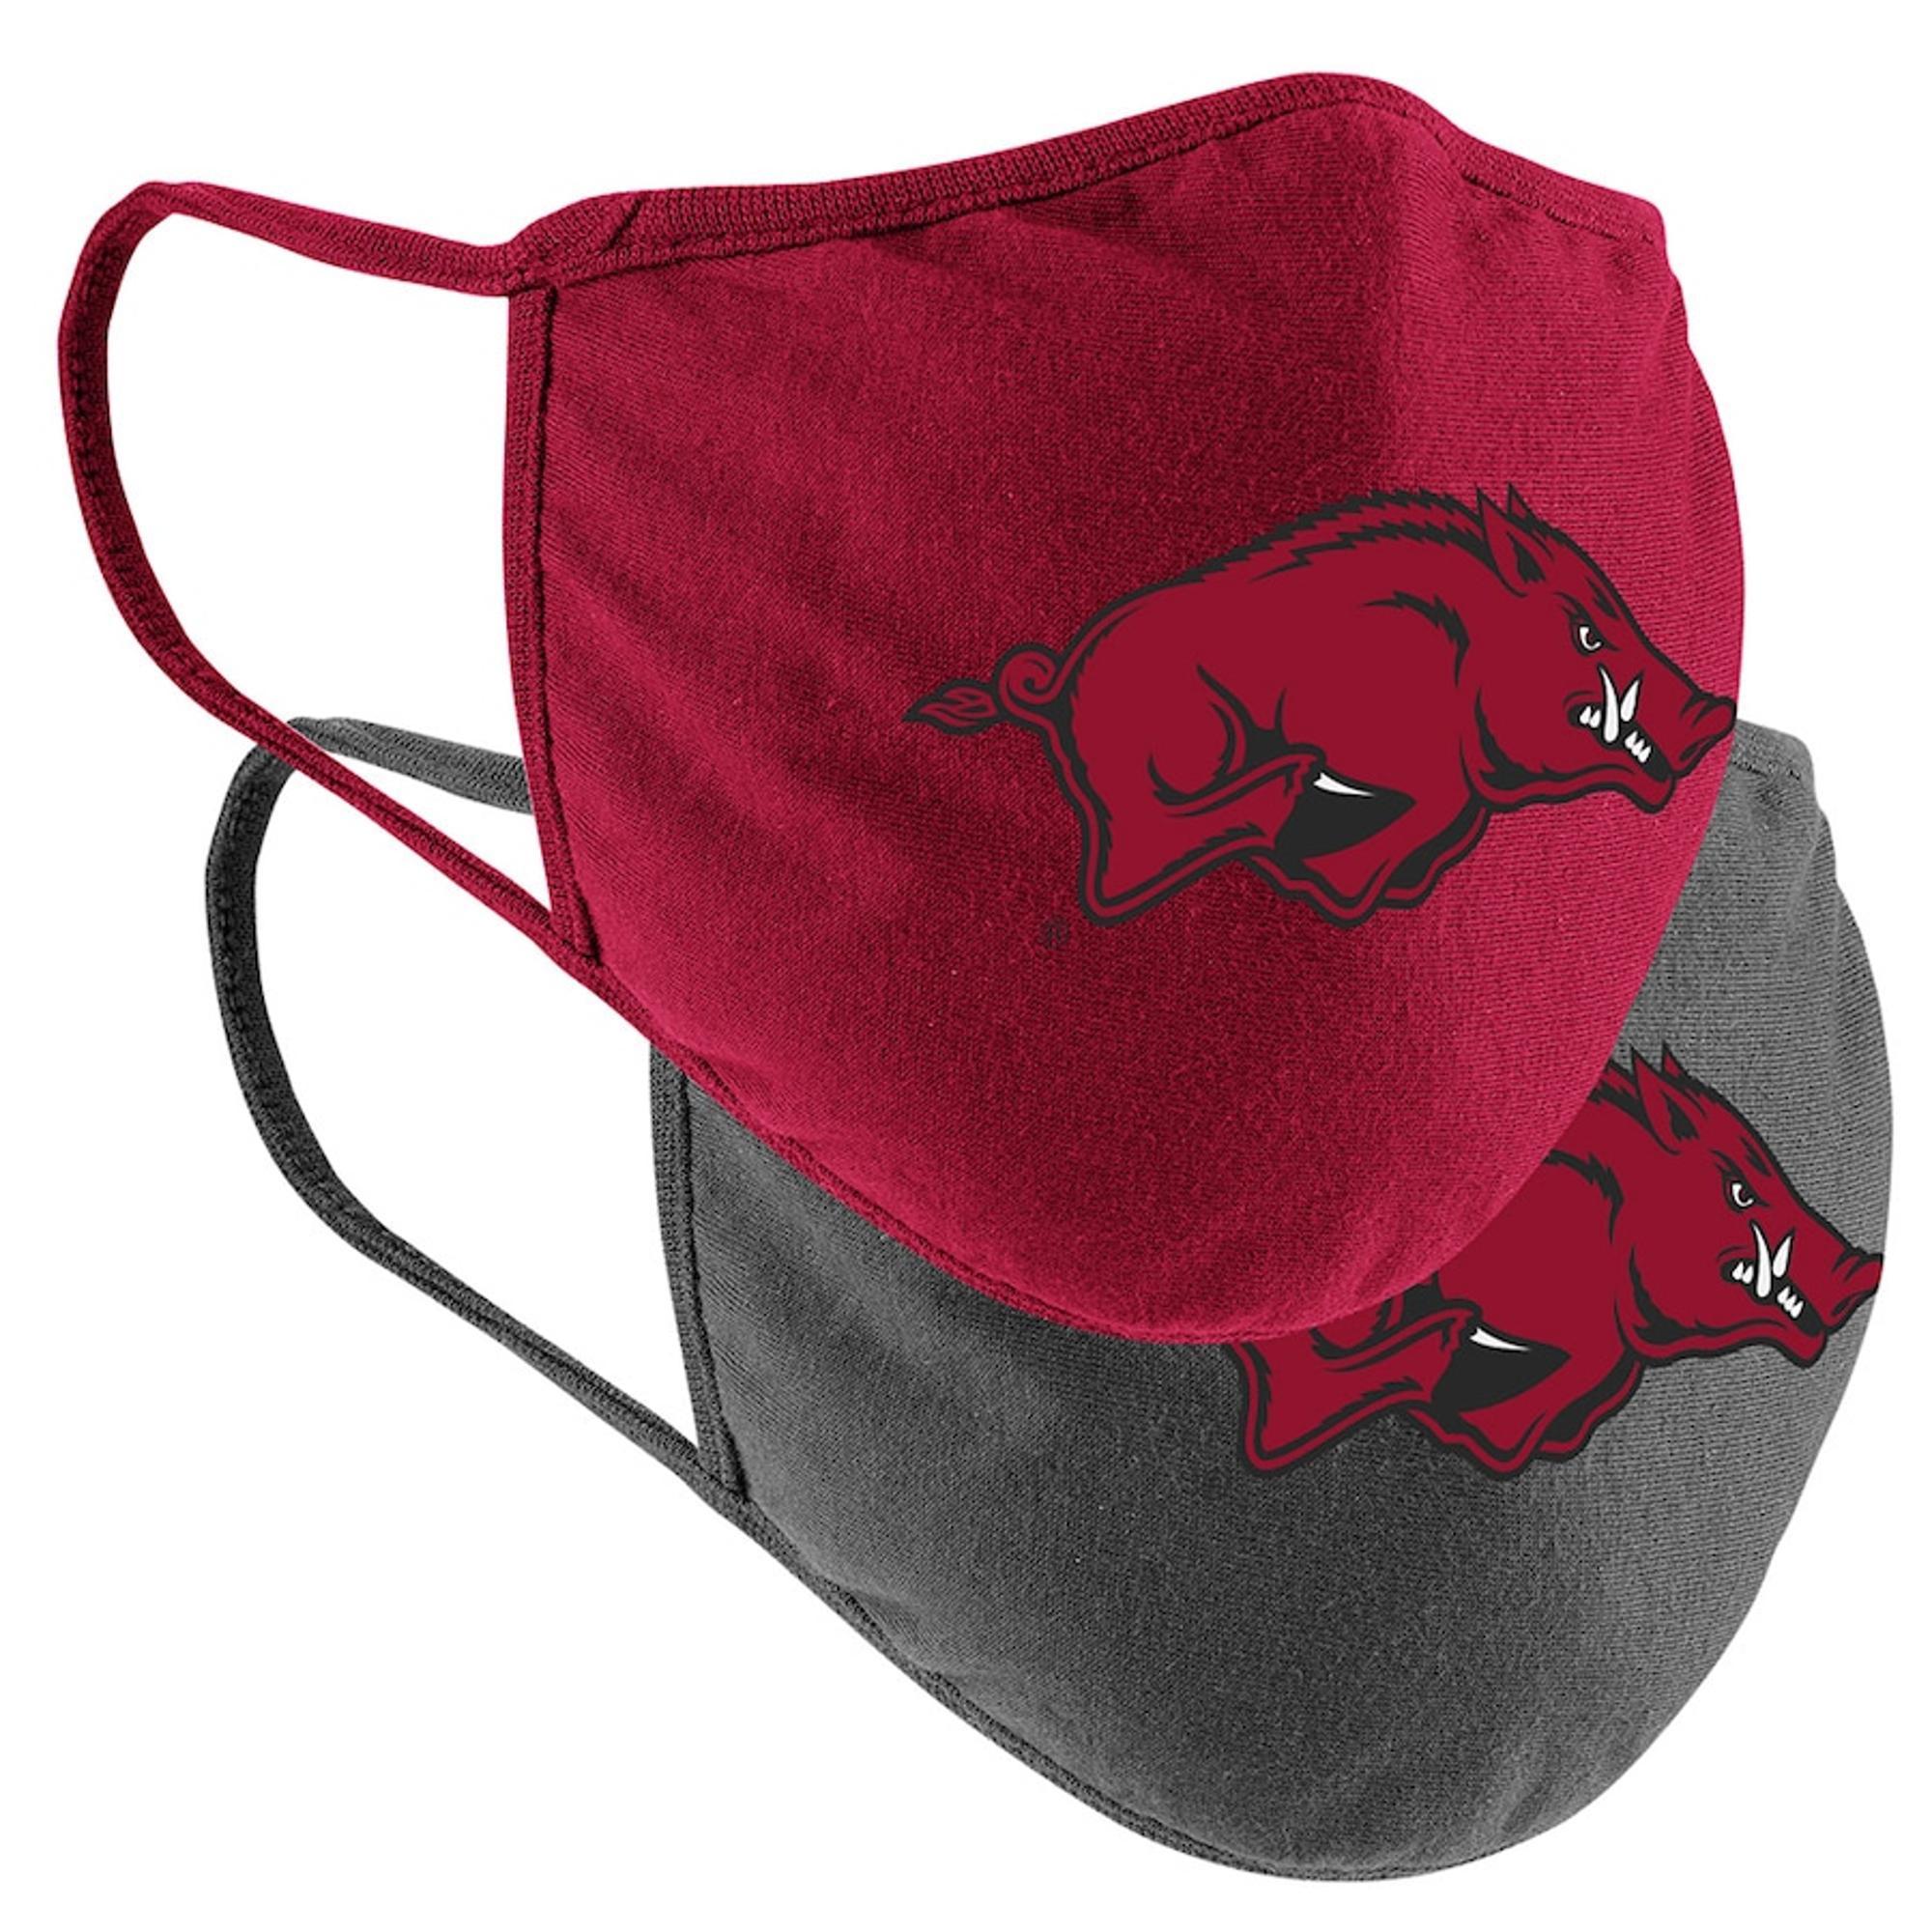 image of: Arkansas Razorbacks Colosseum Adult Logo Mask 2-Pack